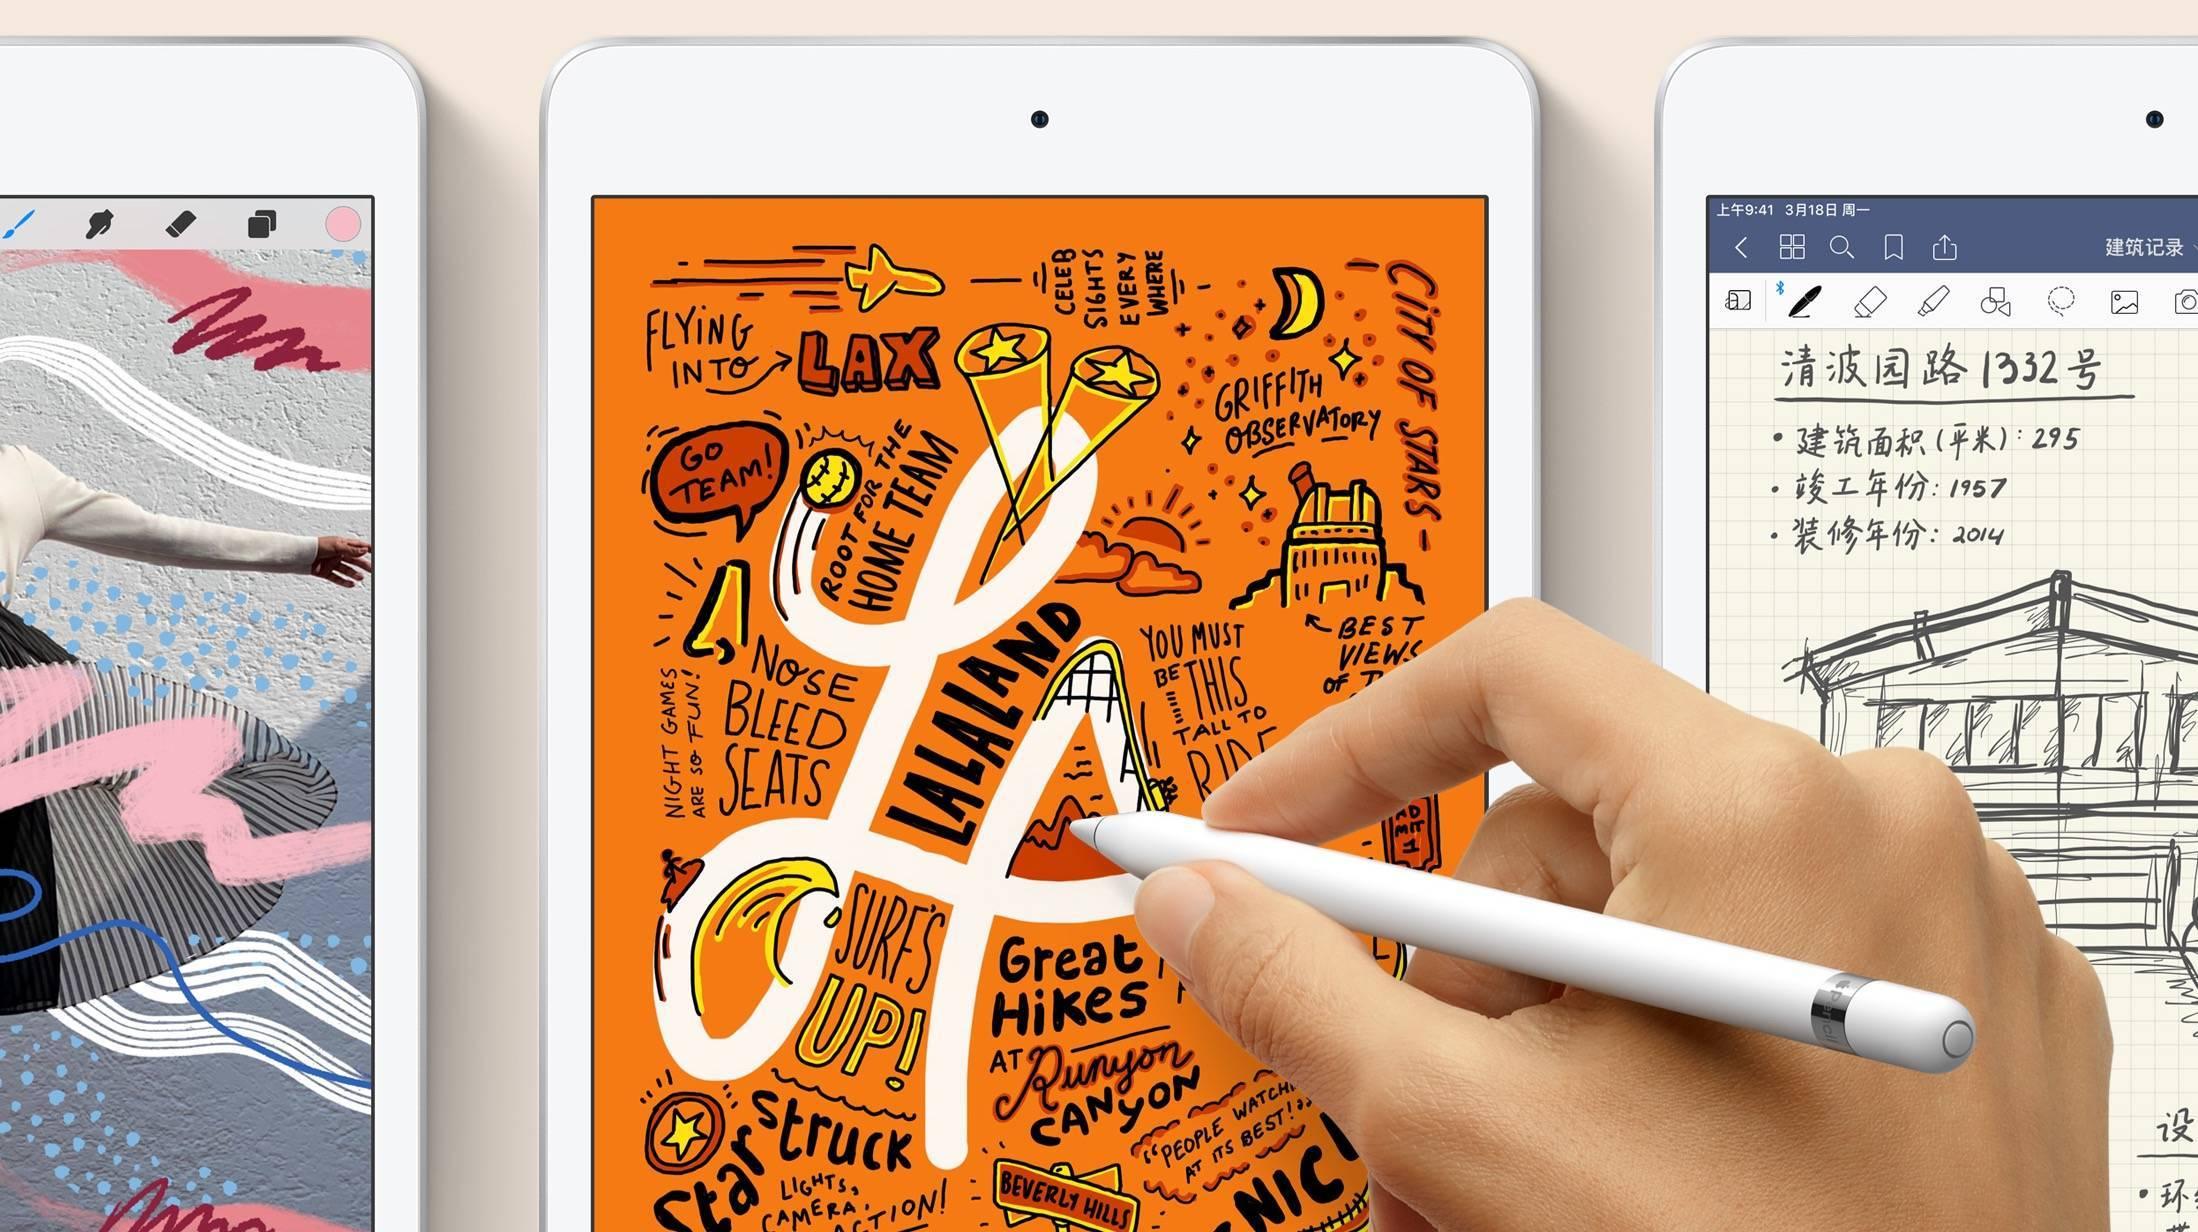 苹果时隔4年更新iPad Mini,国内游戏手机厂商害怕吗?的照片 - 1